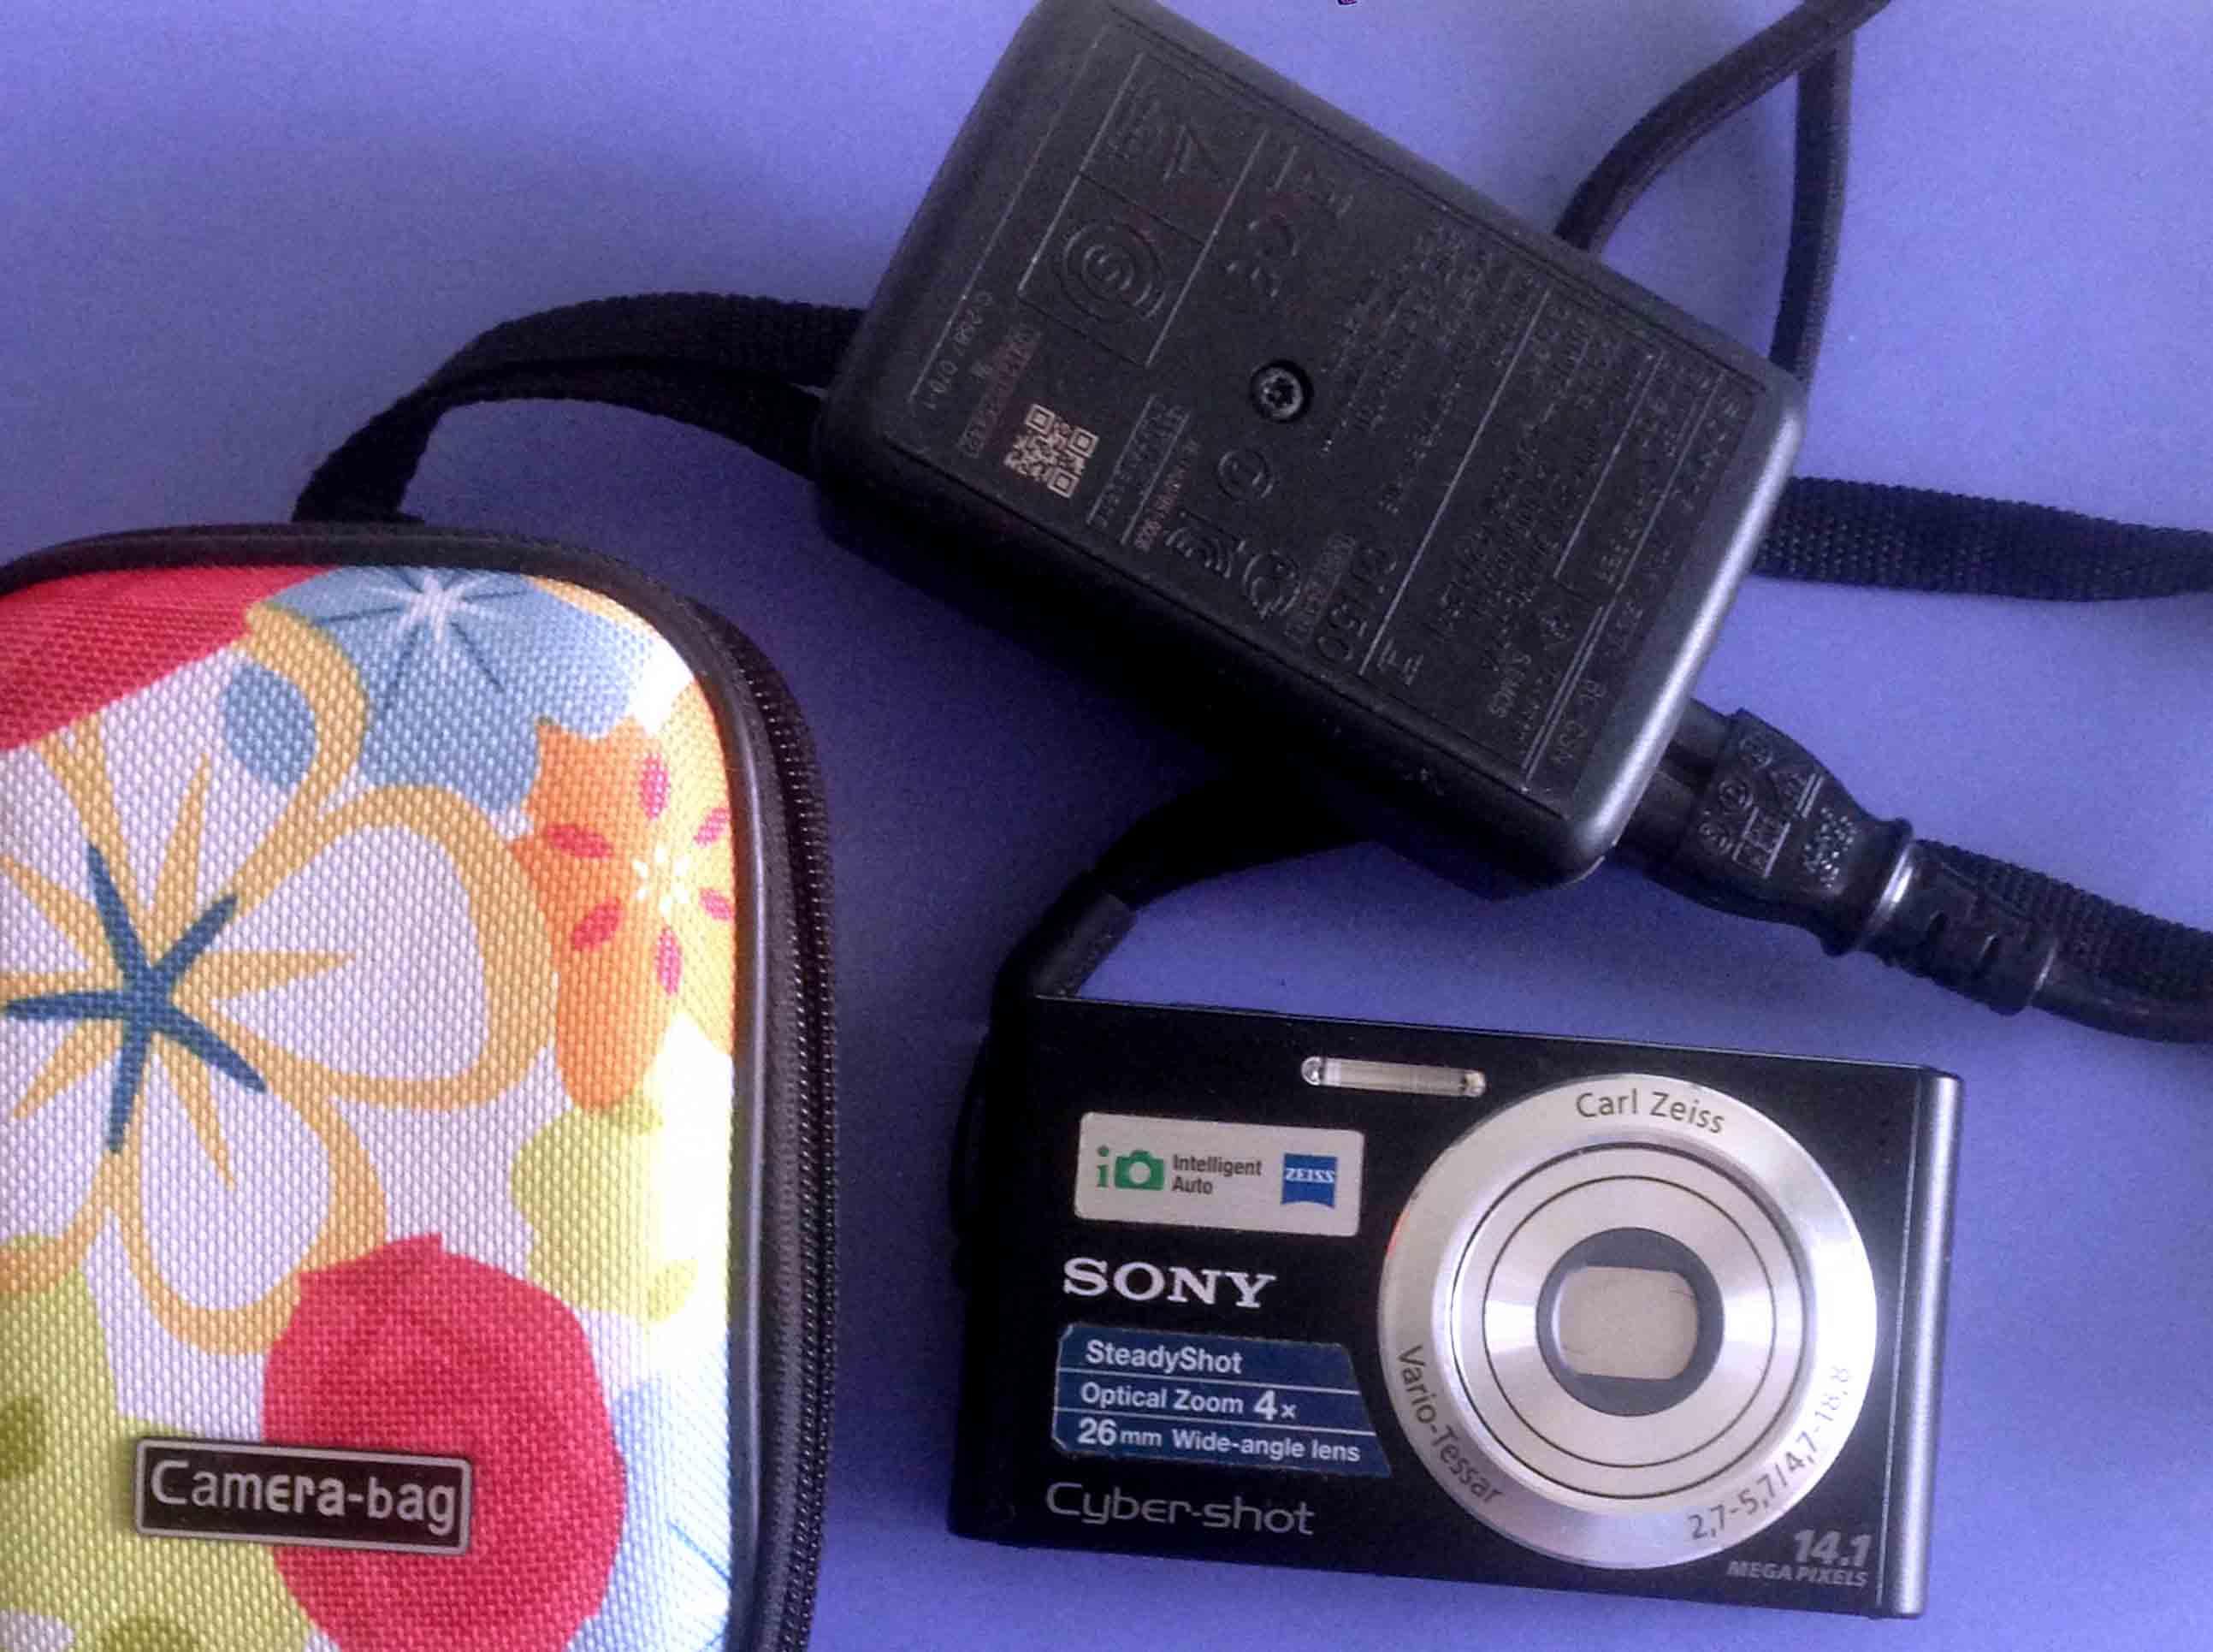 Цифровой фотоаппарат Sony  Cyber - Shot фото 3